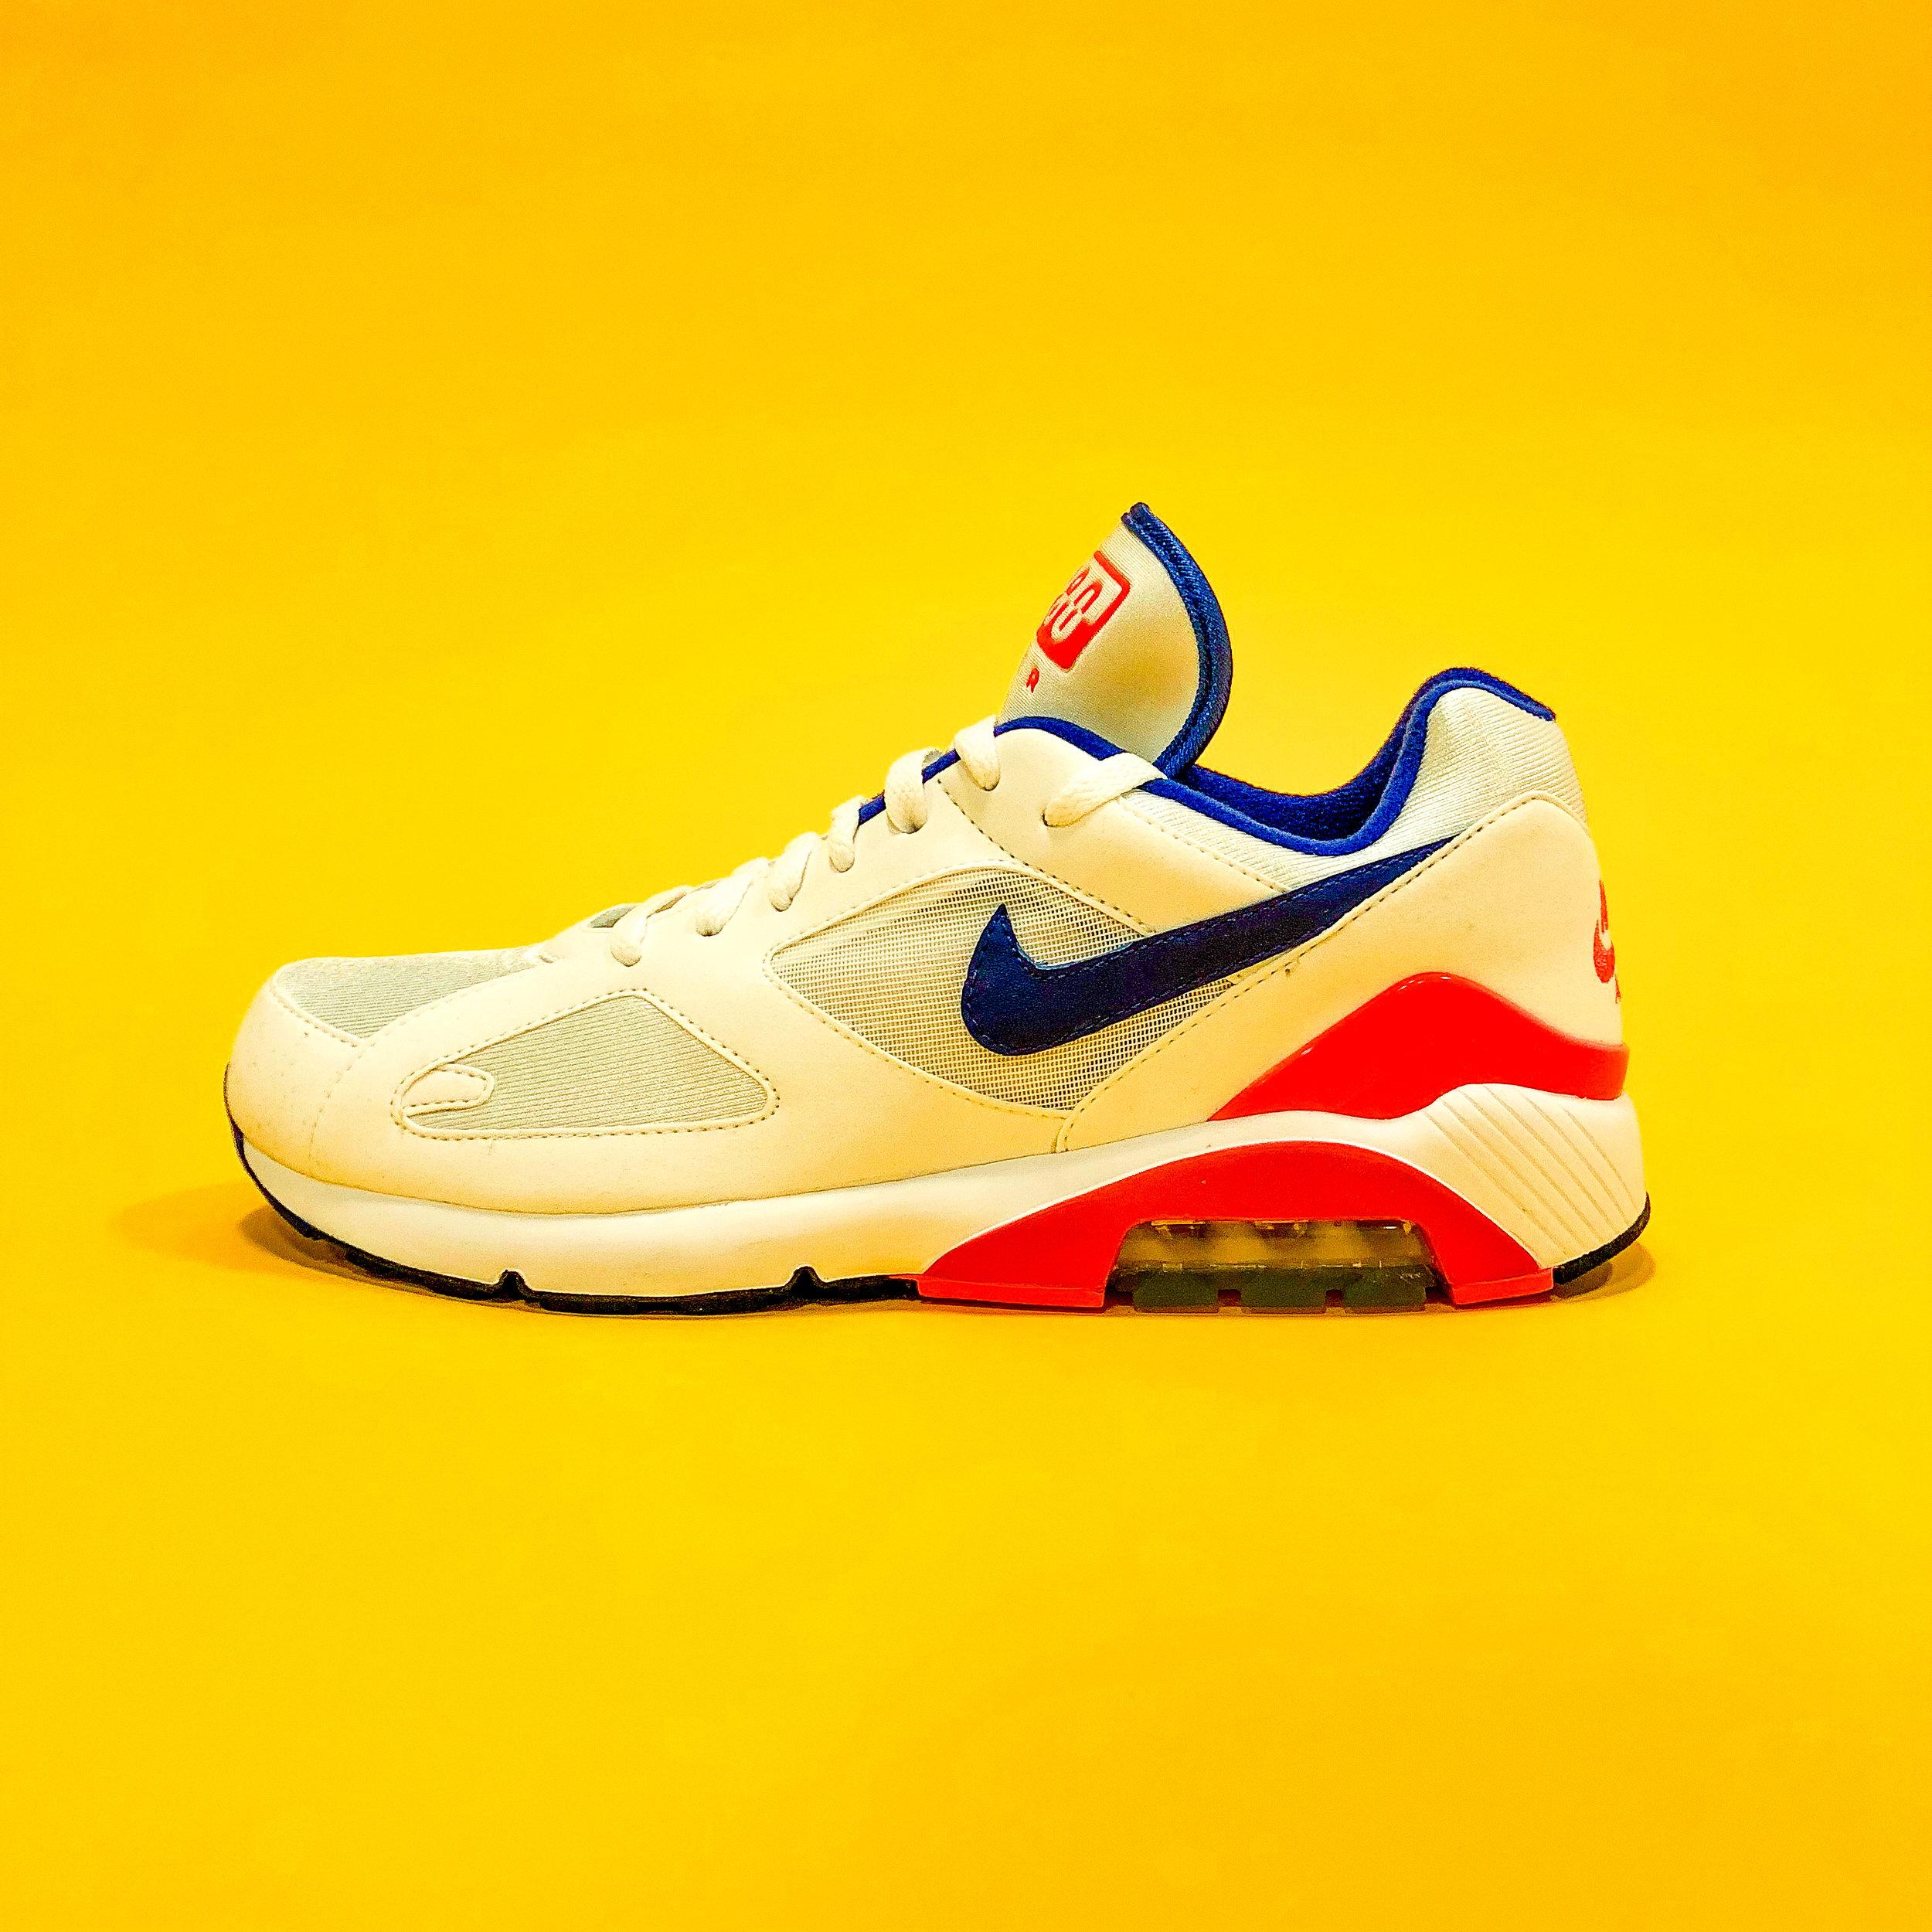 bf6353ea55 Nike Air Max 93 & 180 Esquire Article — Michael Saintil